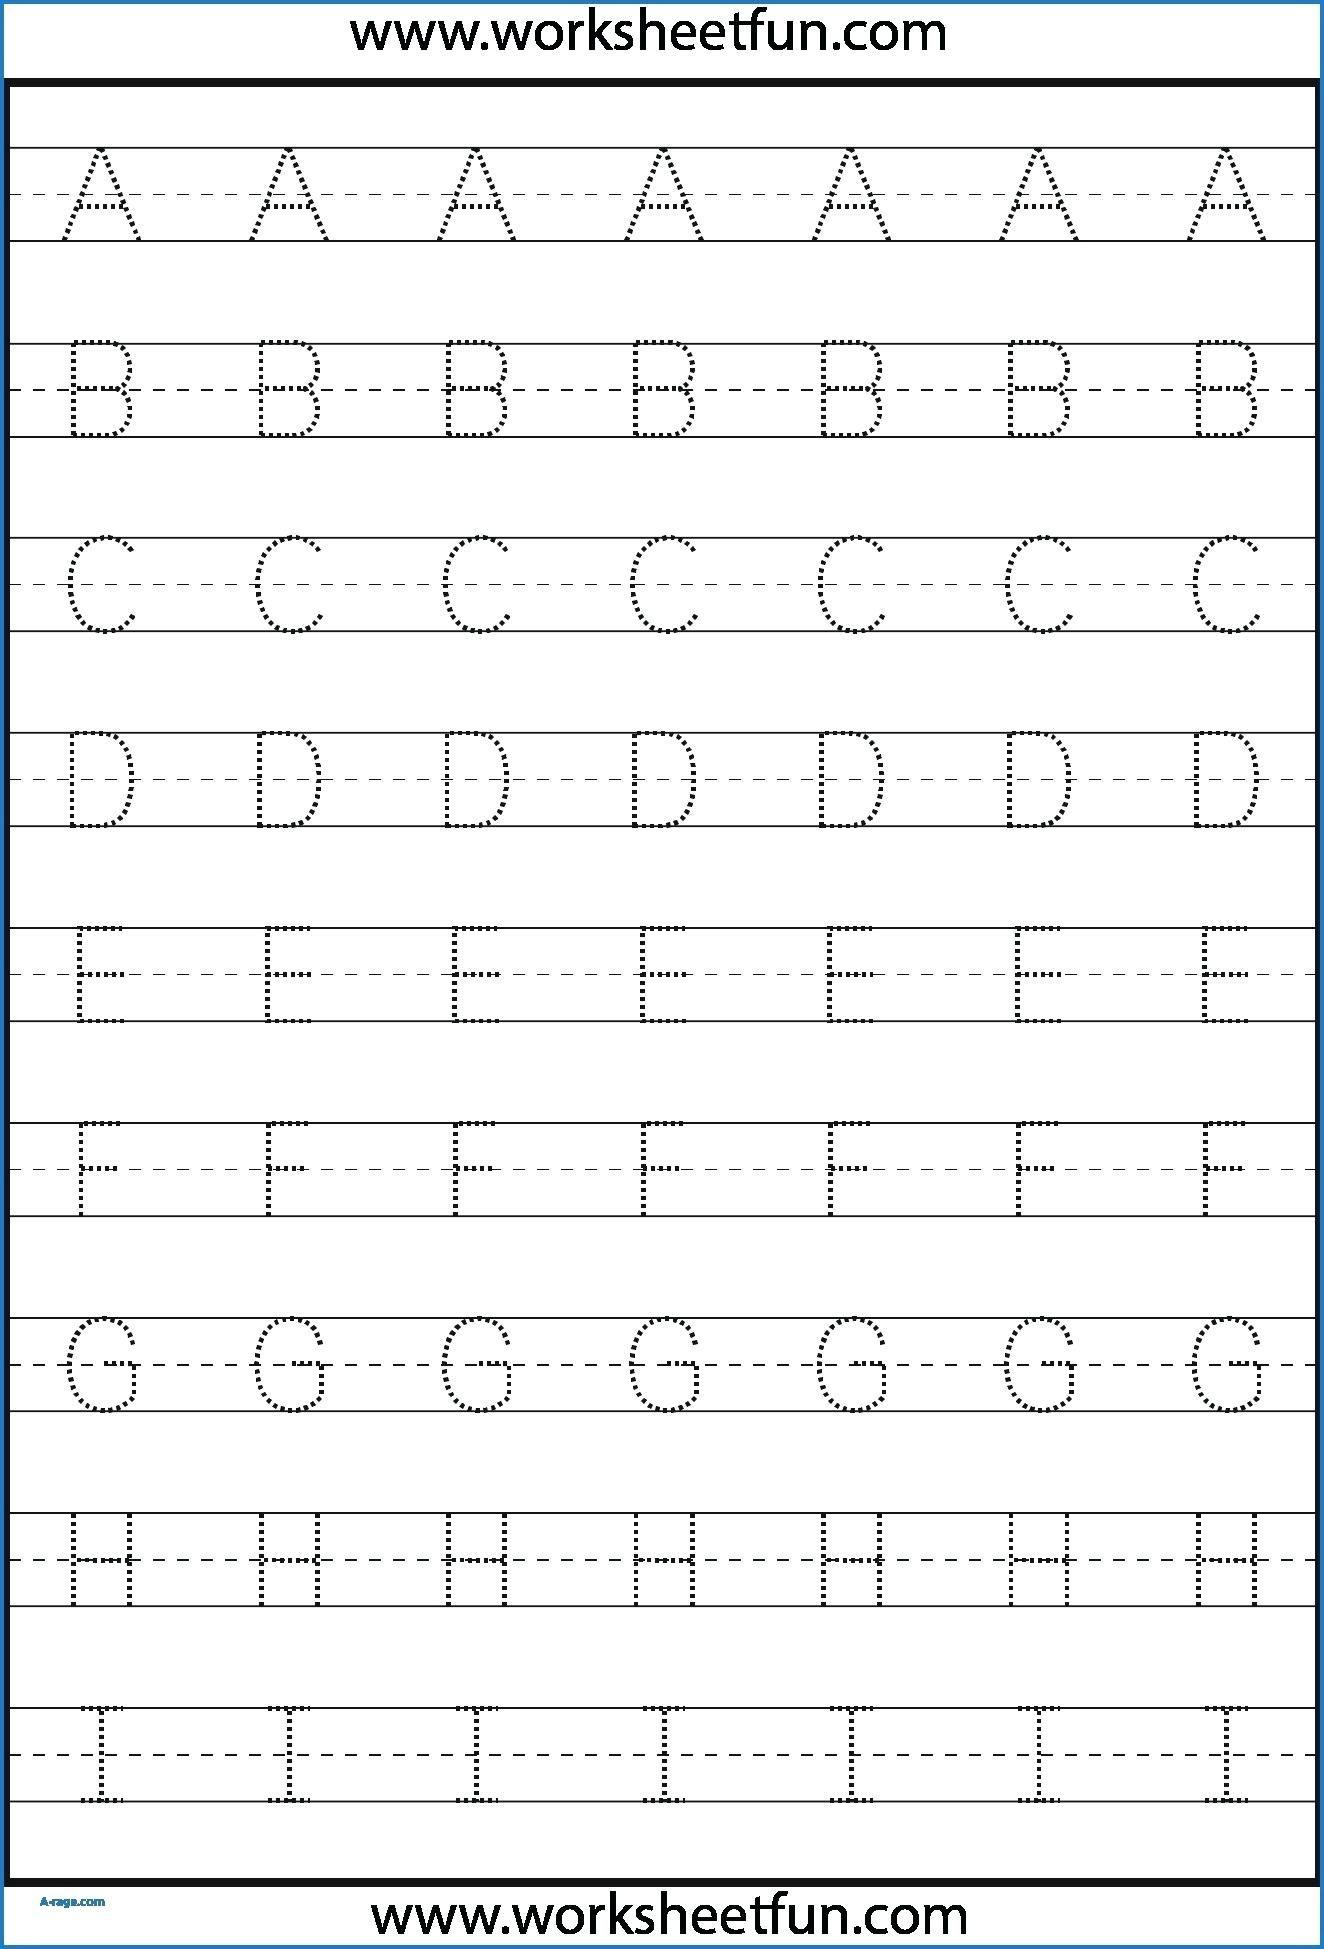 Kindergarten Letter Tracing Worksheets Pdf - Wallpaper Image regarding Grade 1 Alphabet Tracing Worksheets